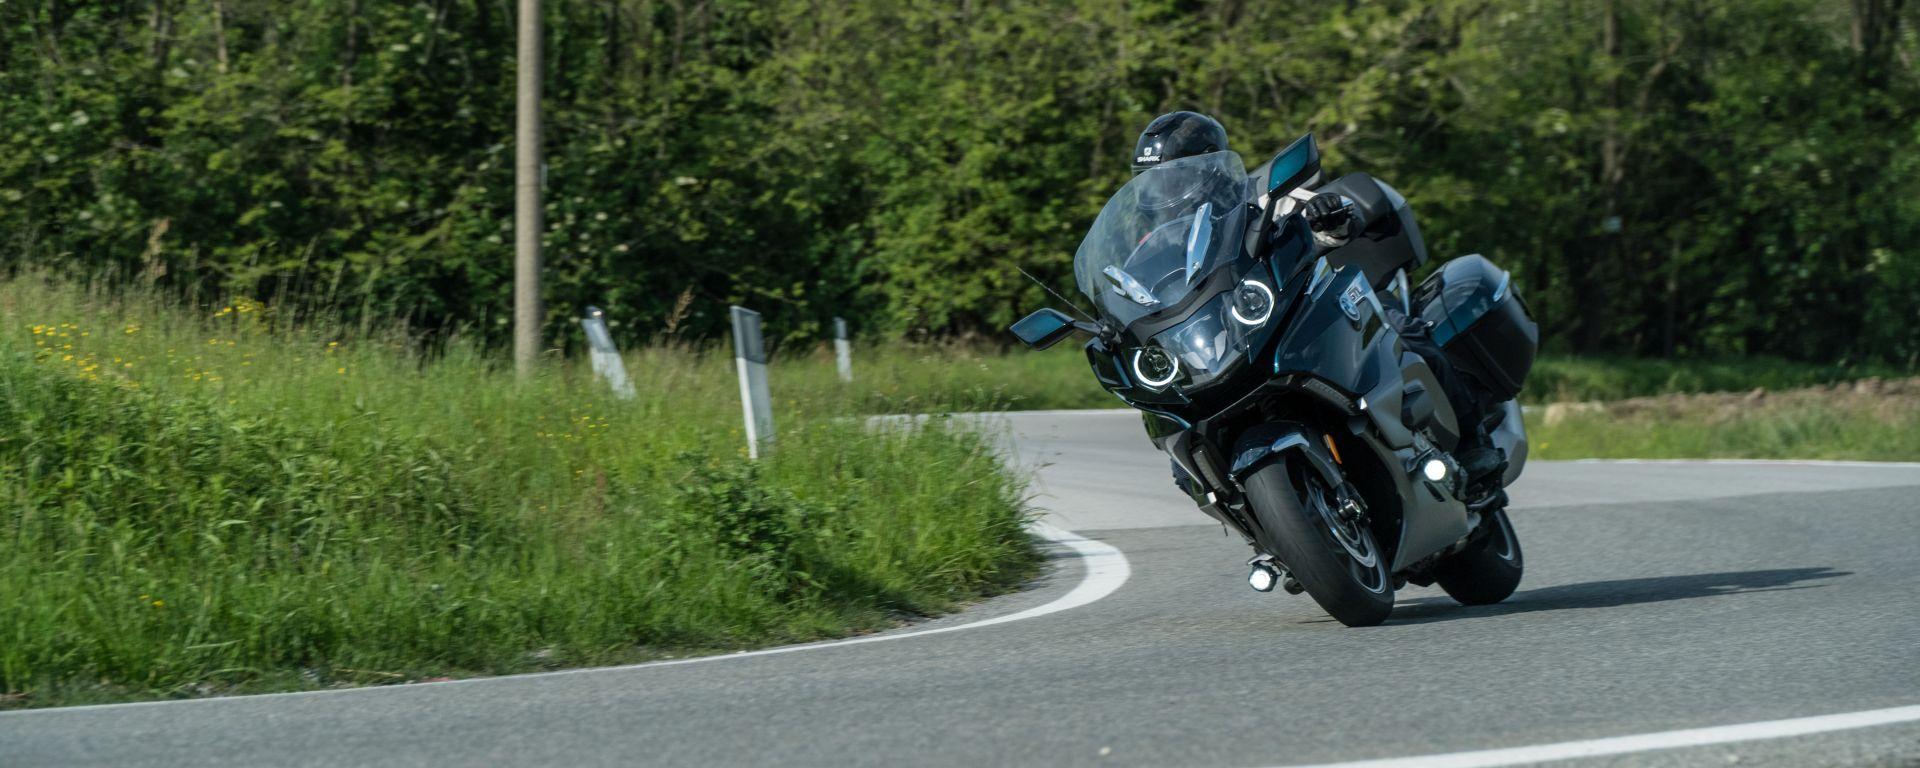 2.000 km in sella alla BMW K 1600 GTL: la prova su strada